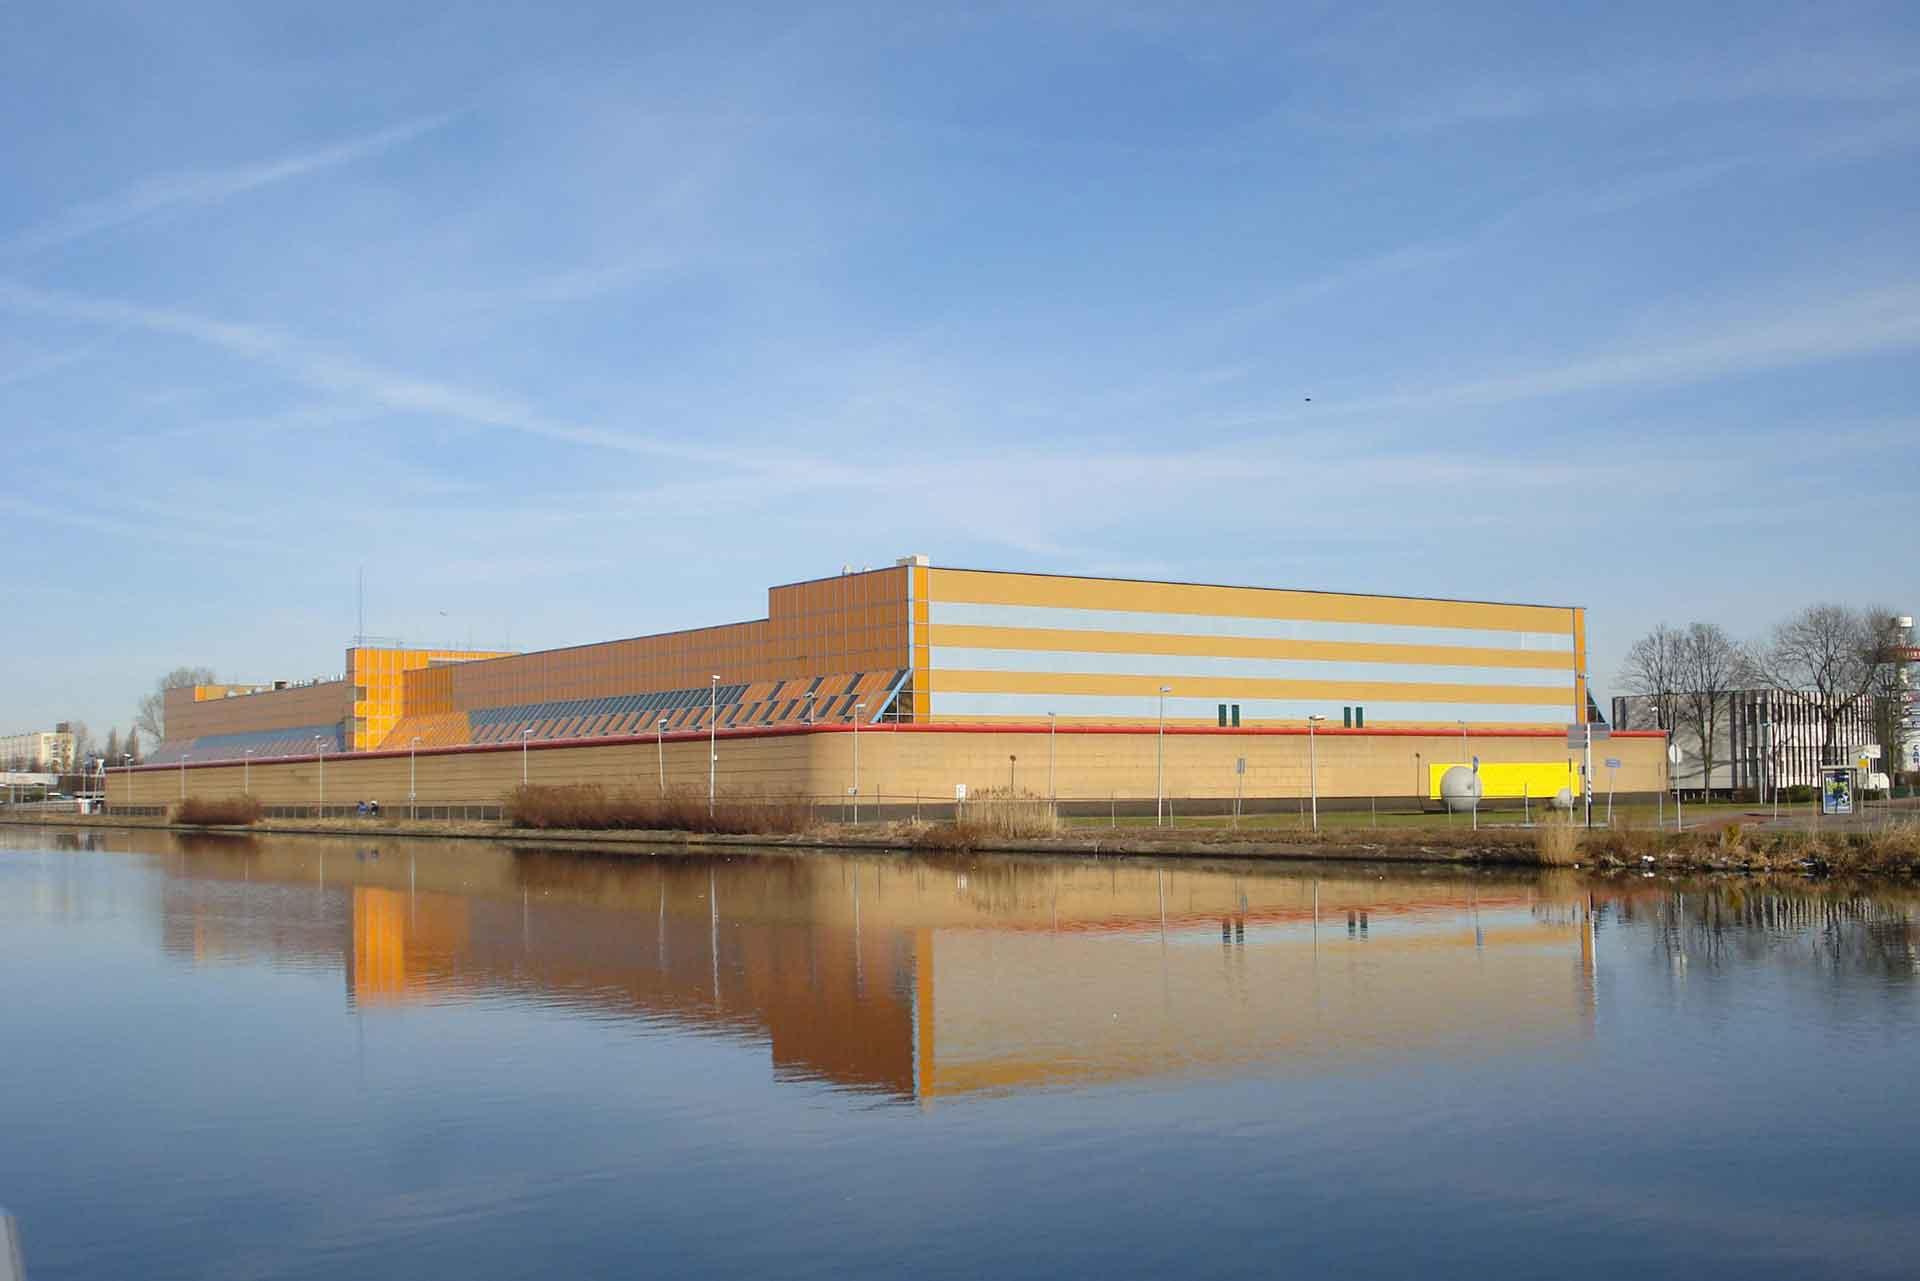 Penitentiaire Inrichtingen (PI's) Nederland - Weening Strafrechtadvocaten